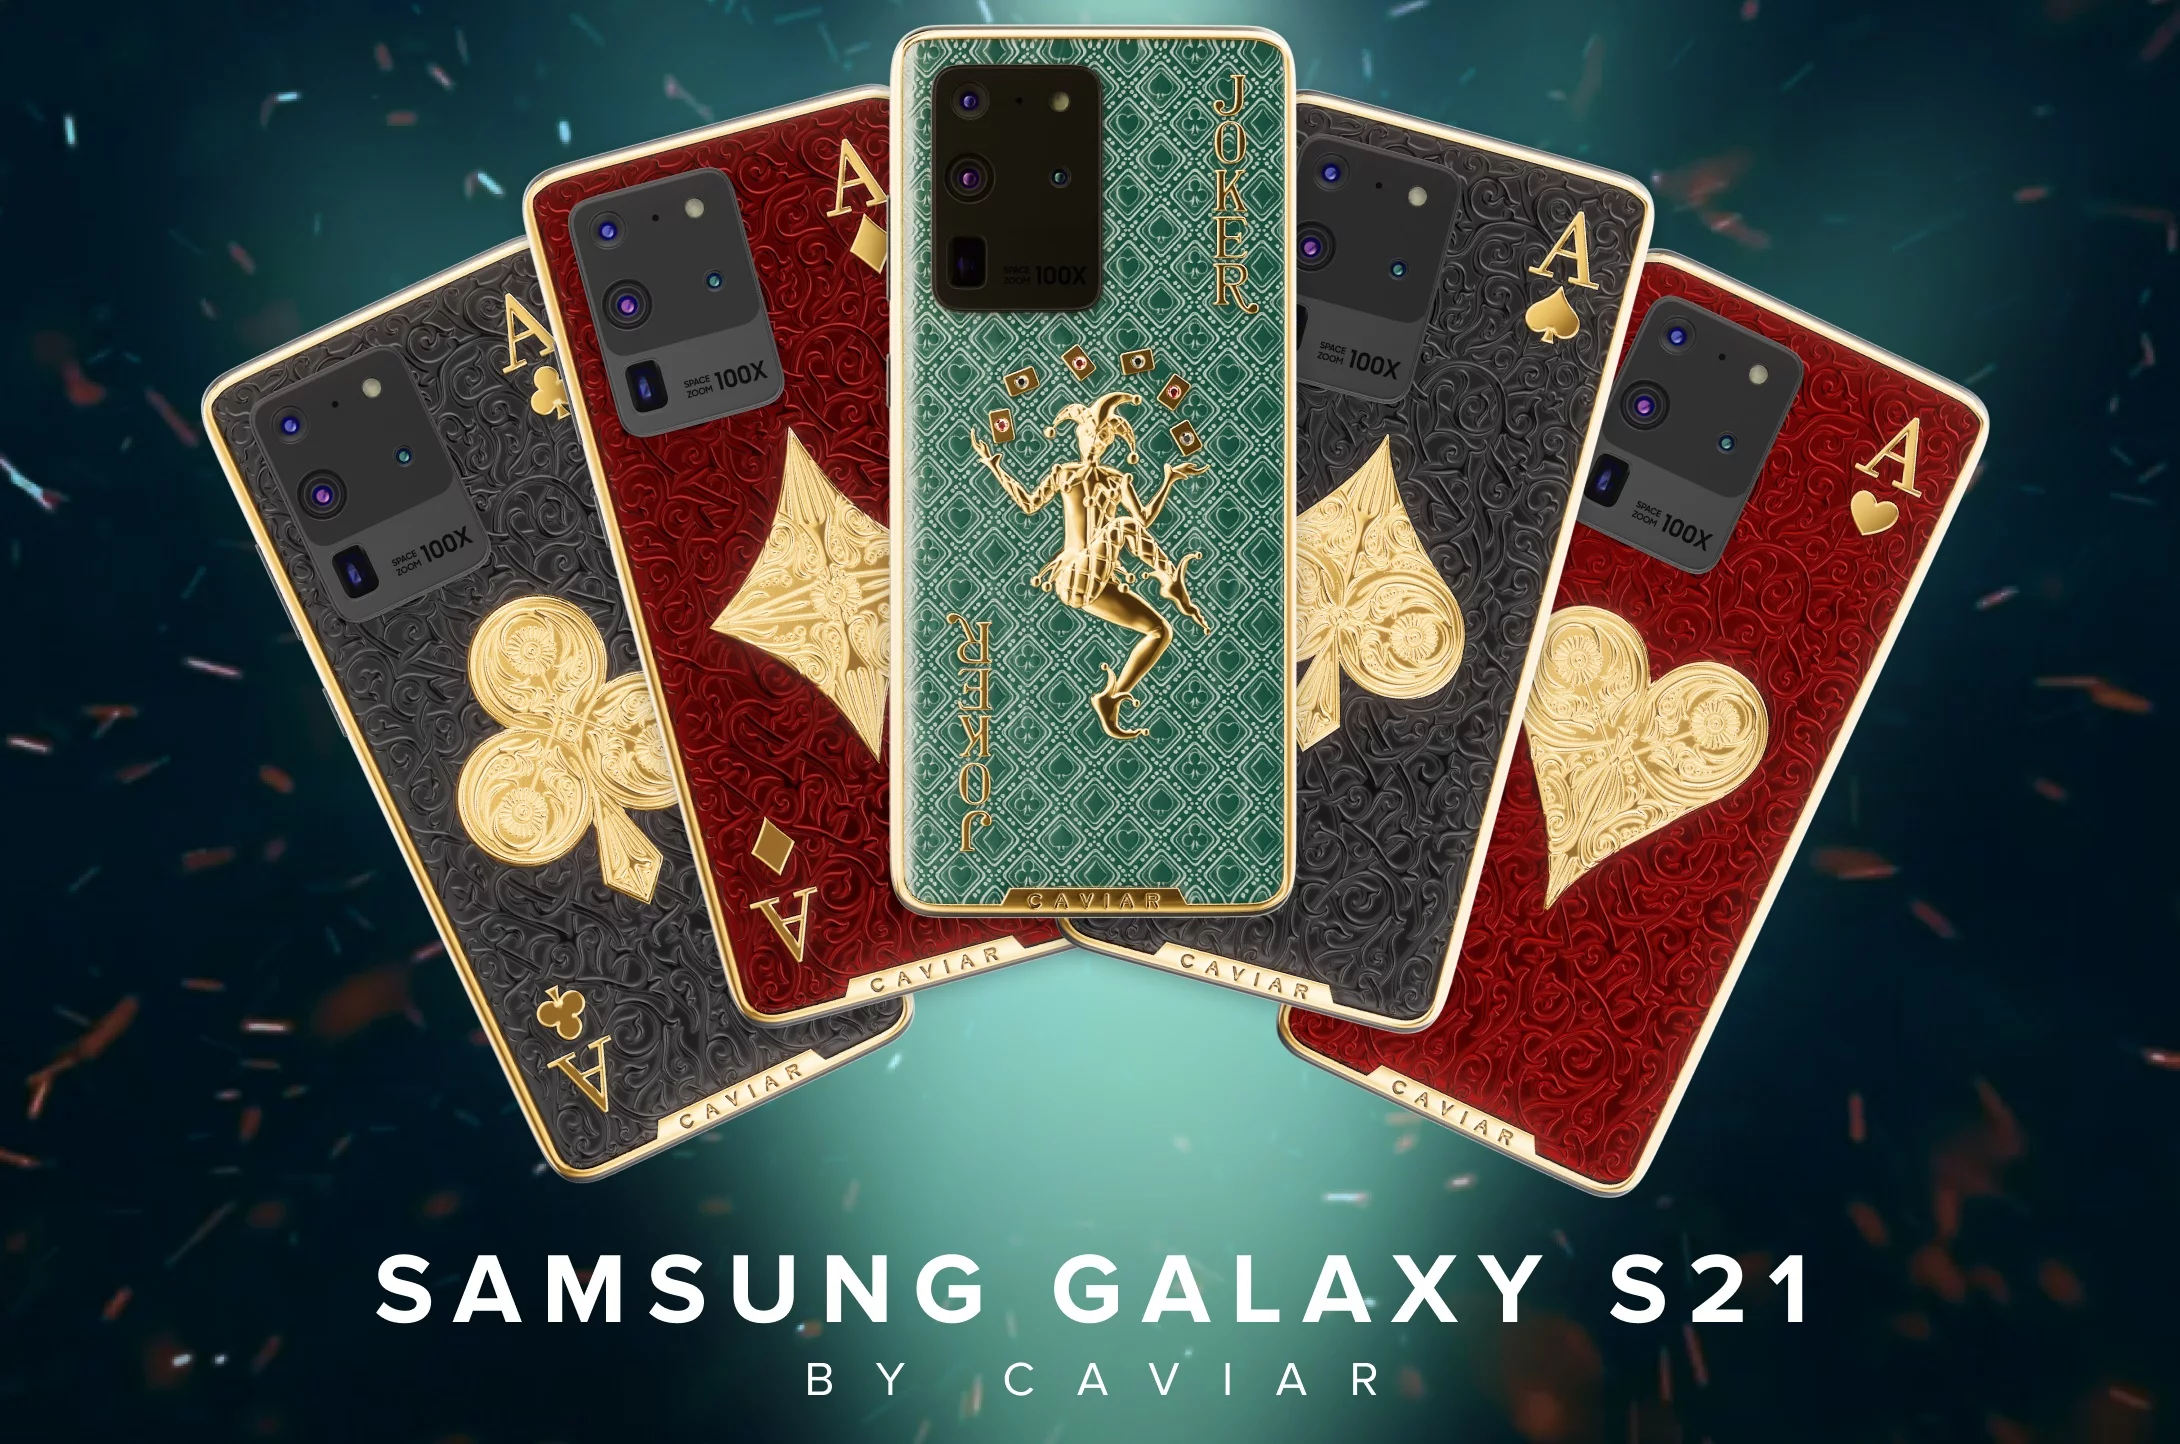 Samsung Galaxy S21 cena Galaxy S20 Ultra 5G opinie edycja Caviar złota obudowa